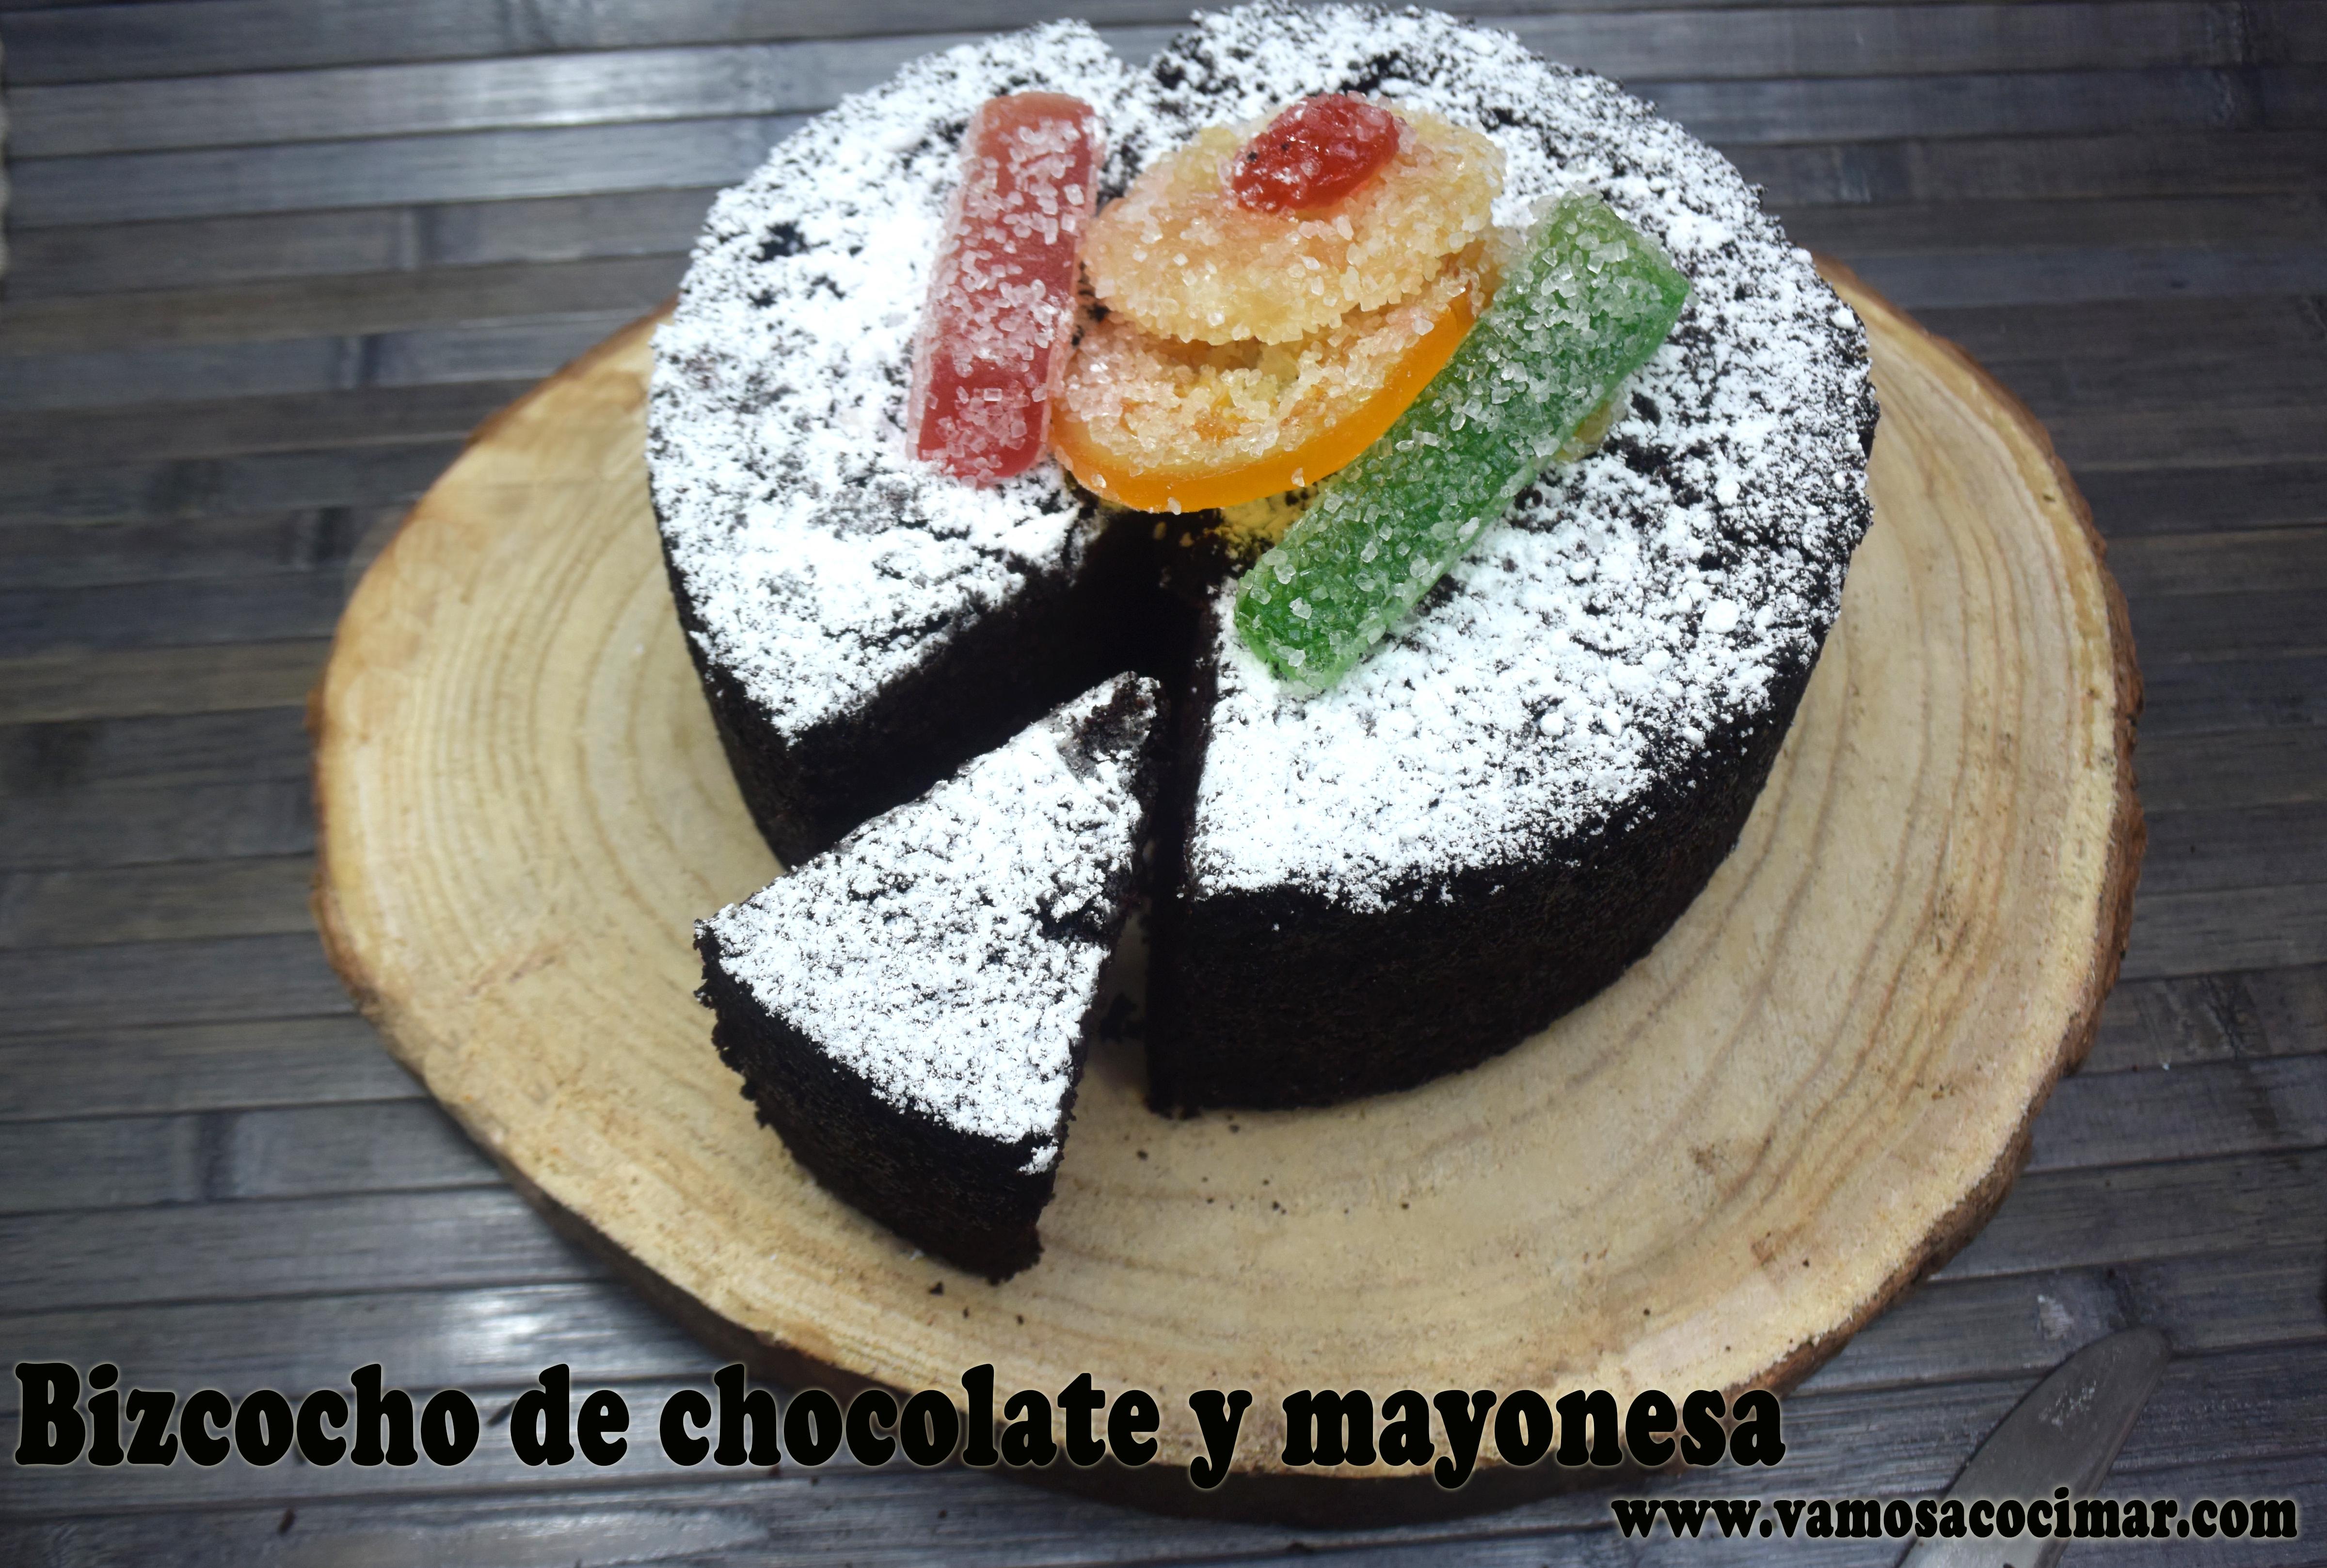 bizcocho-chocolate-y-mayonesa2